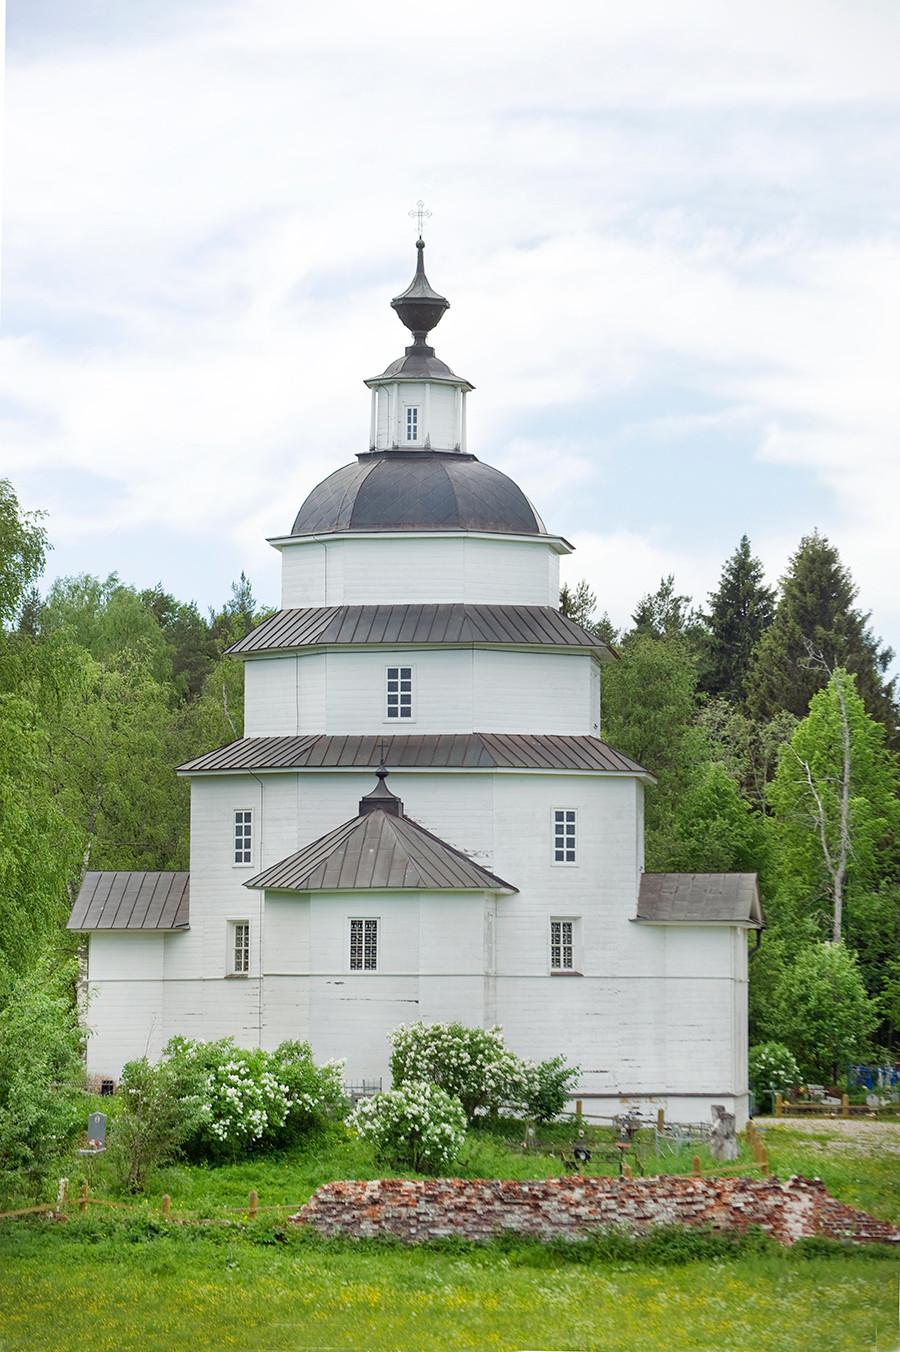 Church of Elijah the Prophet. East view. June 1, 2014